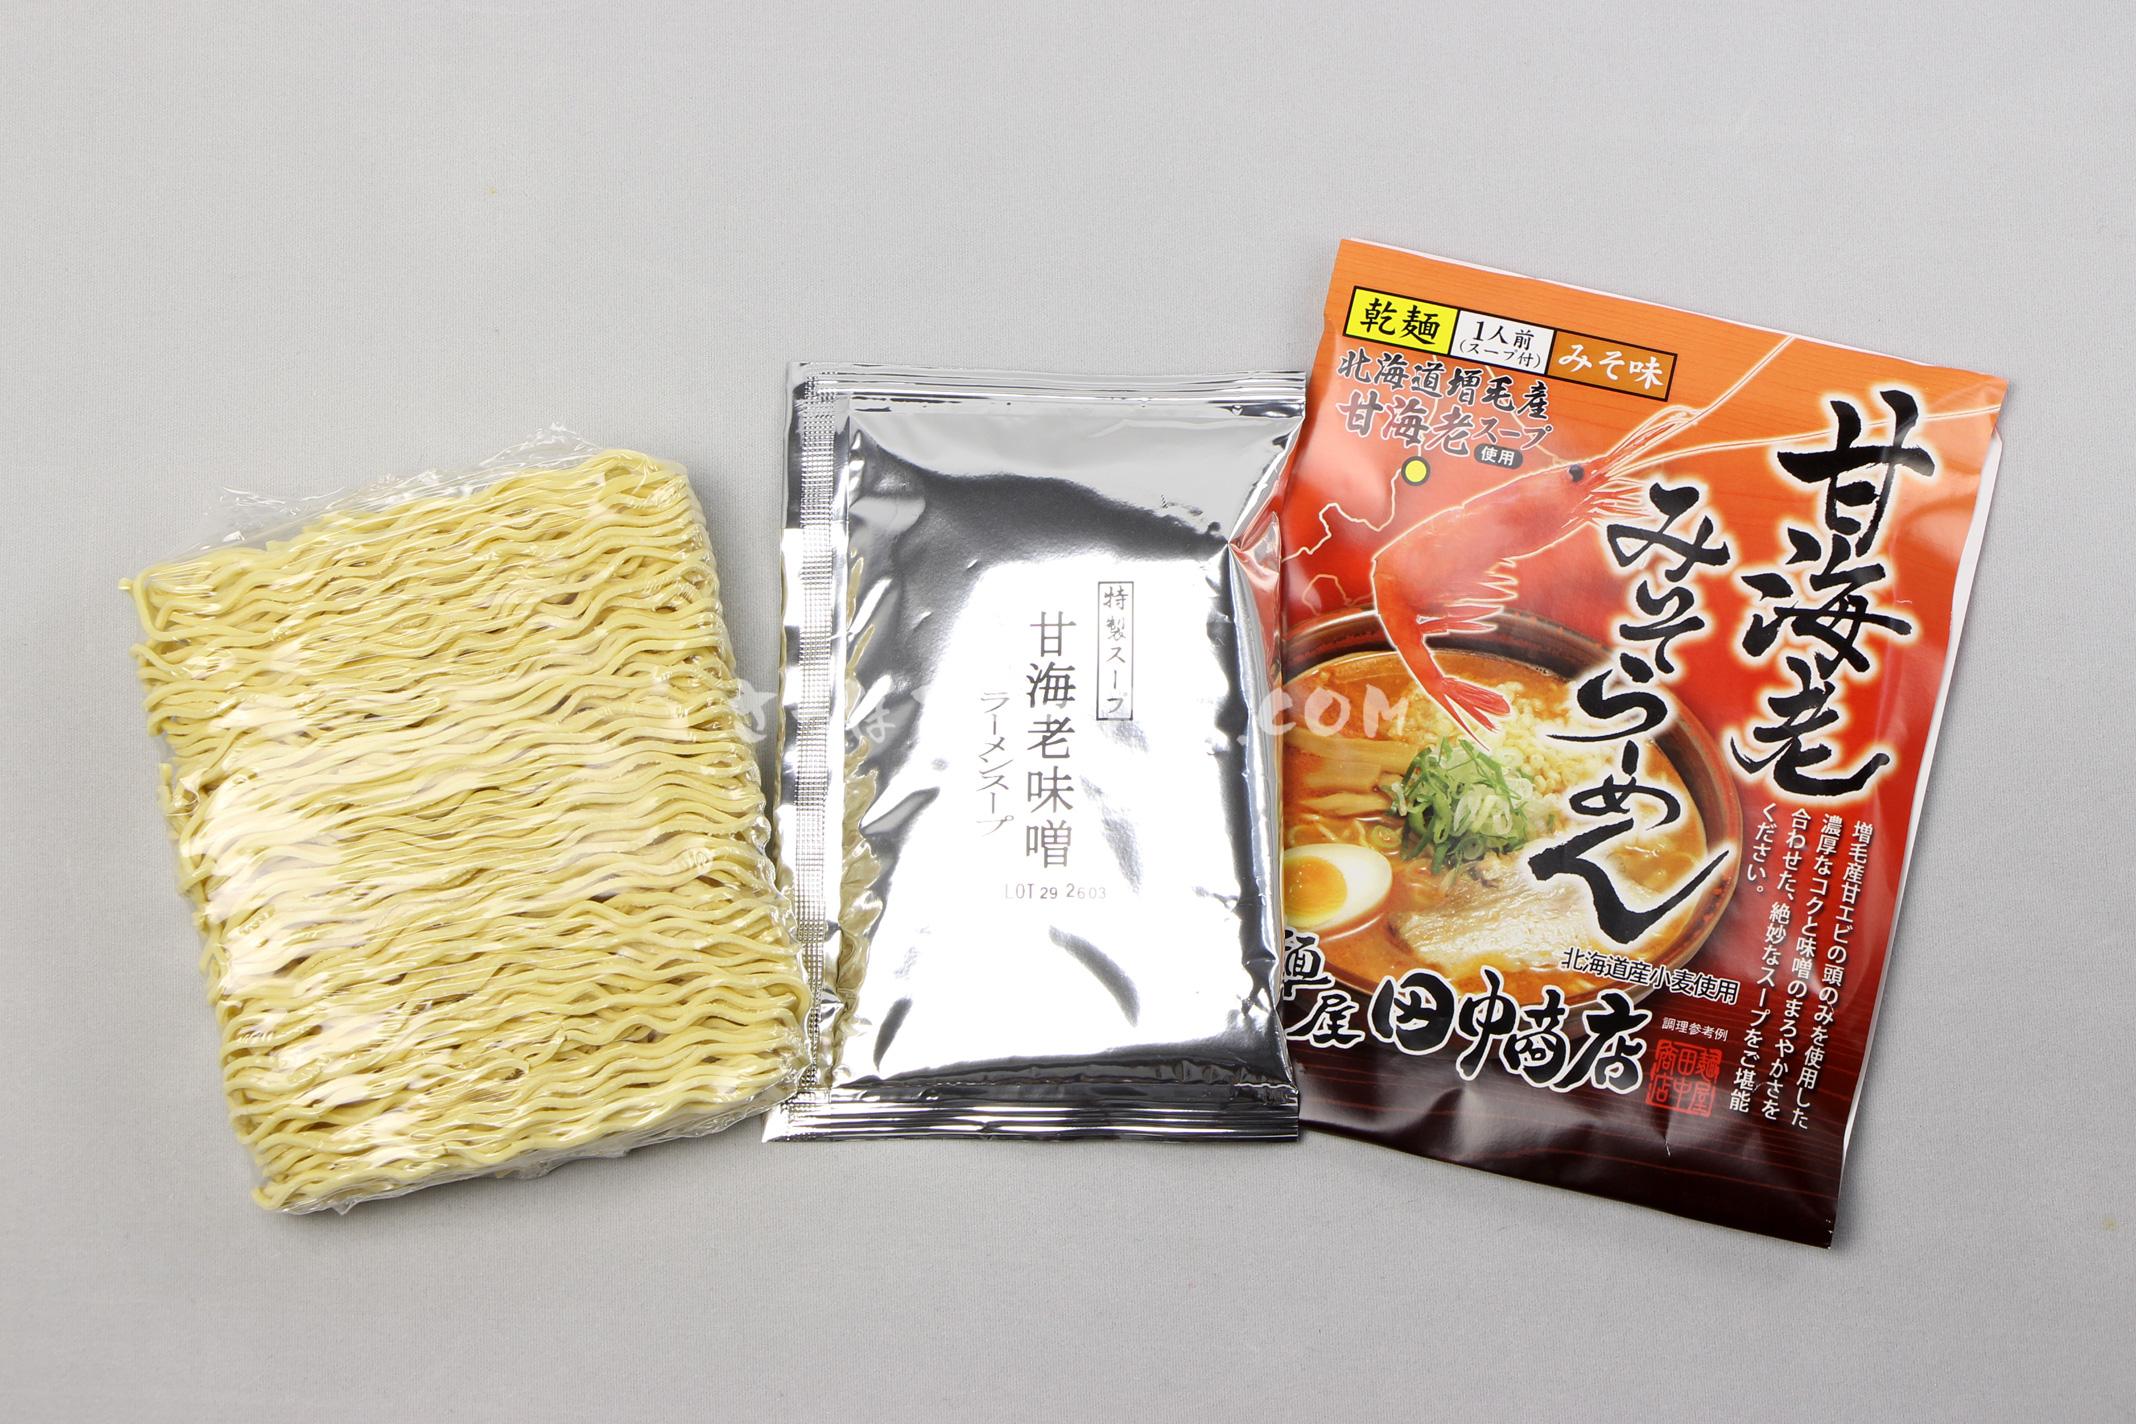 「甘海老みそらーめん」(麺屋 田中商店)の麺とスープ